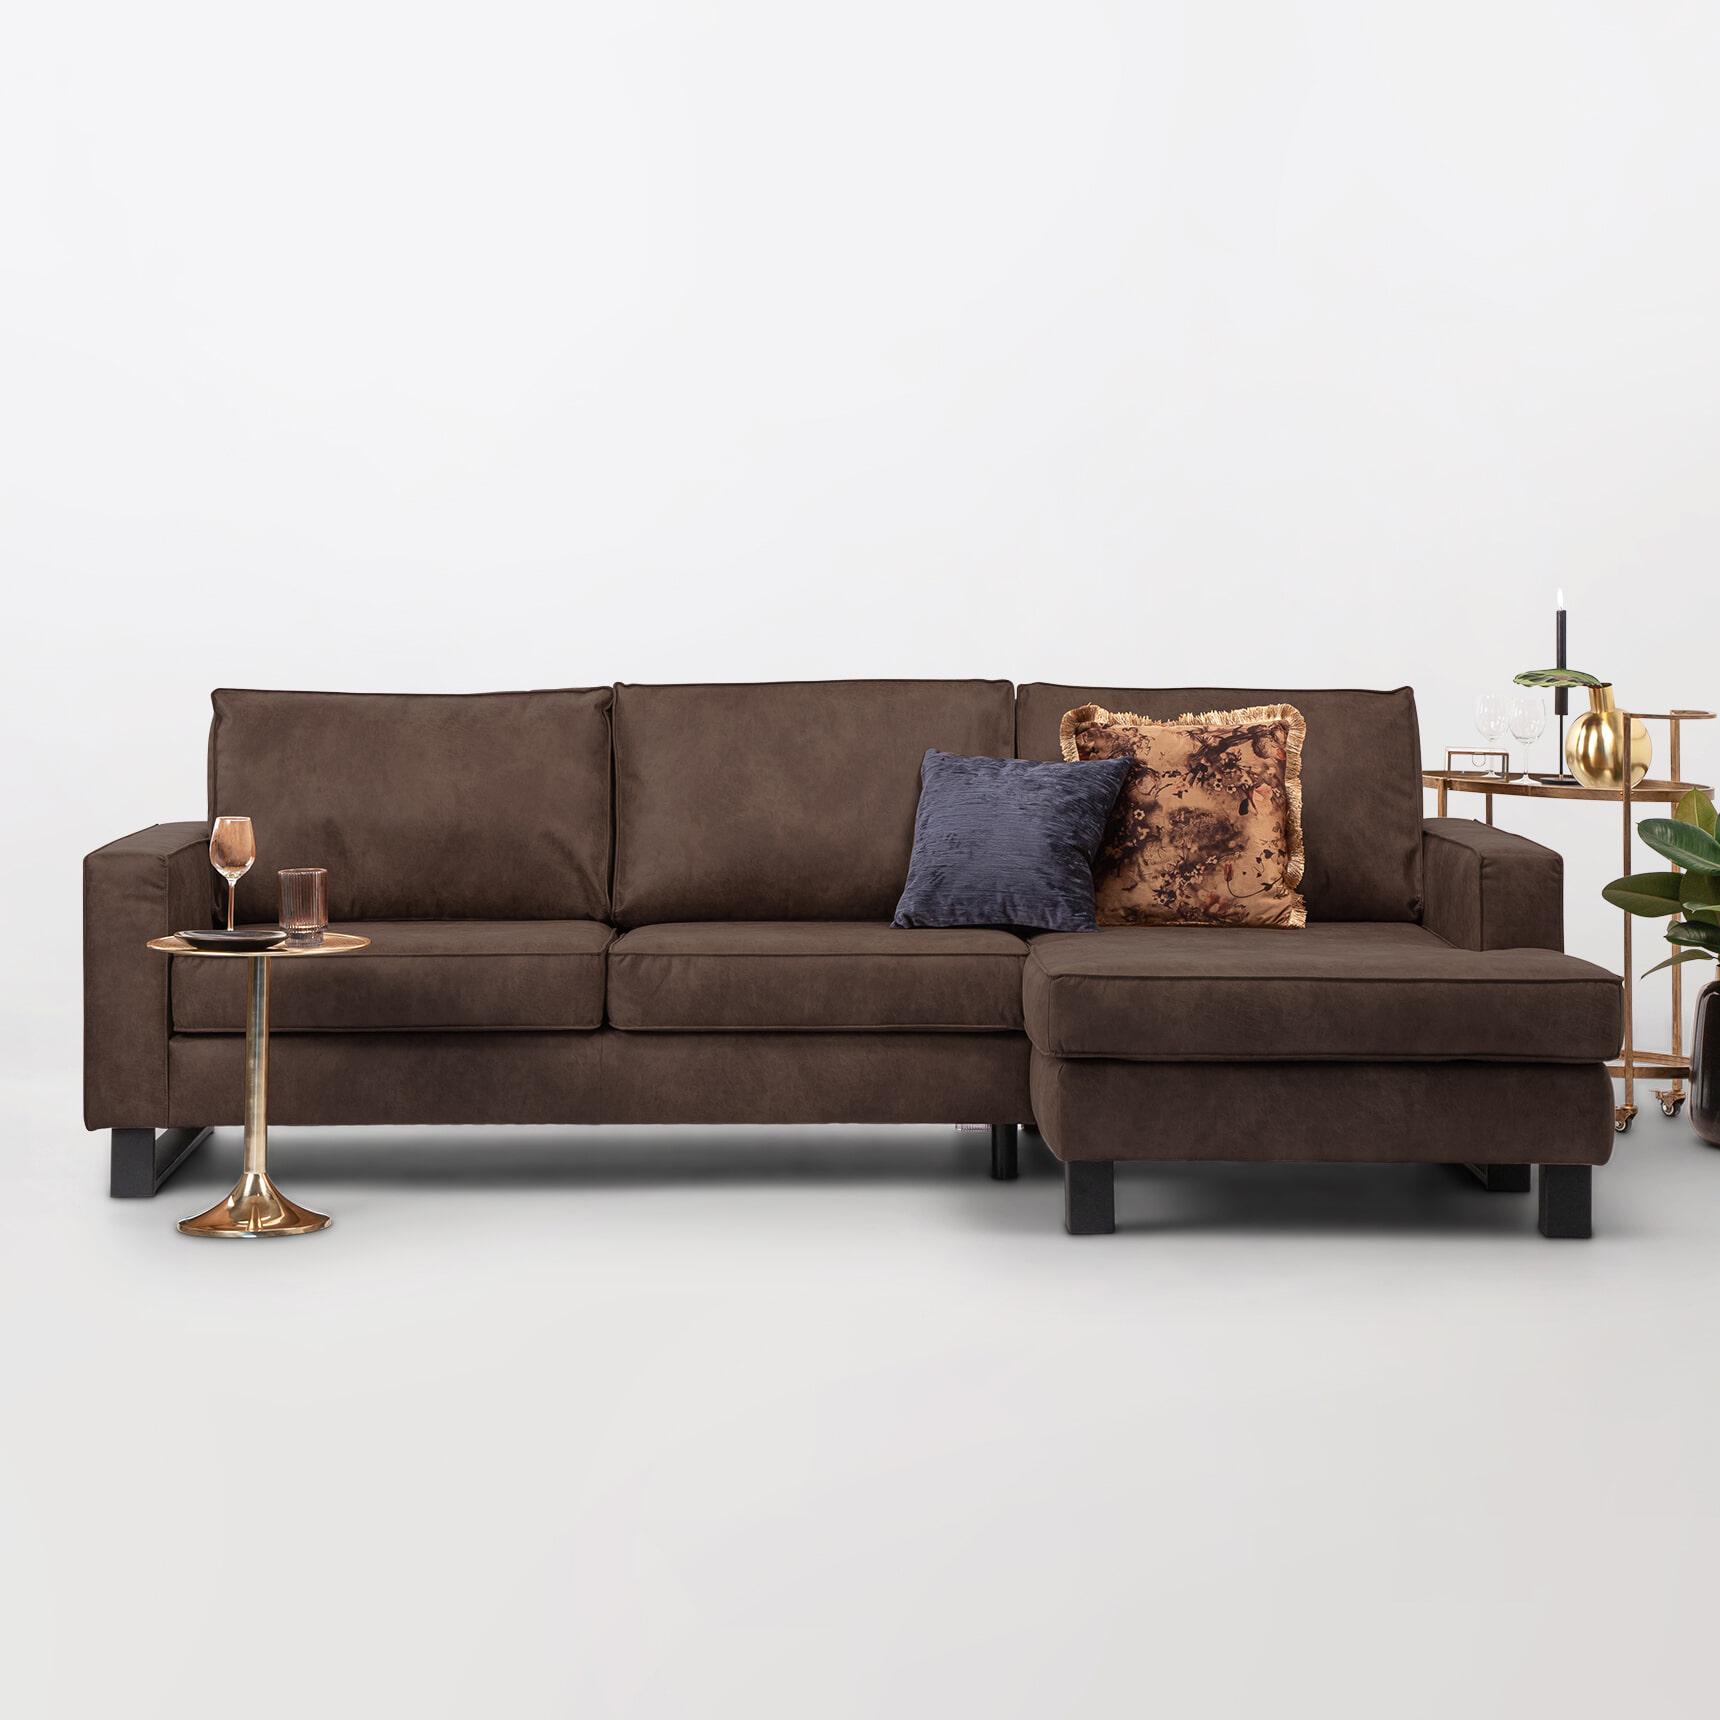 Sohome Loungebank 'Mathew' Rechts, Microleder, kleur bruin